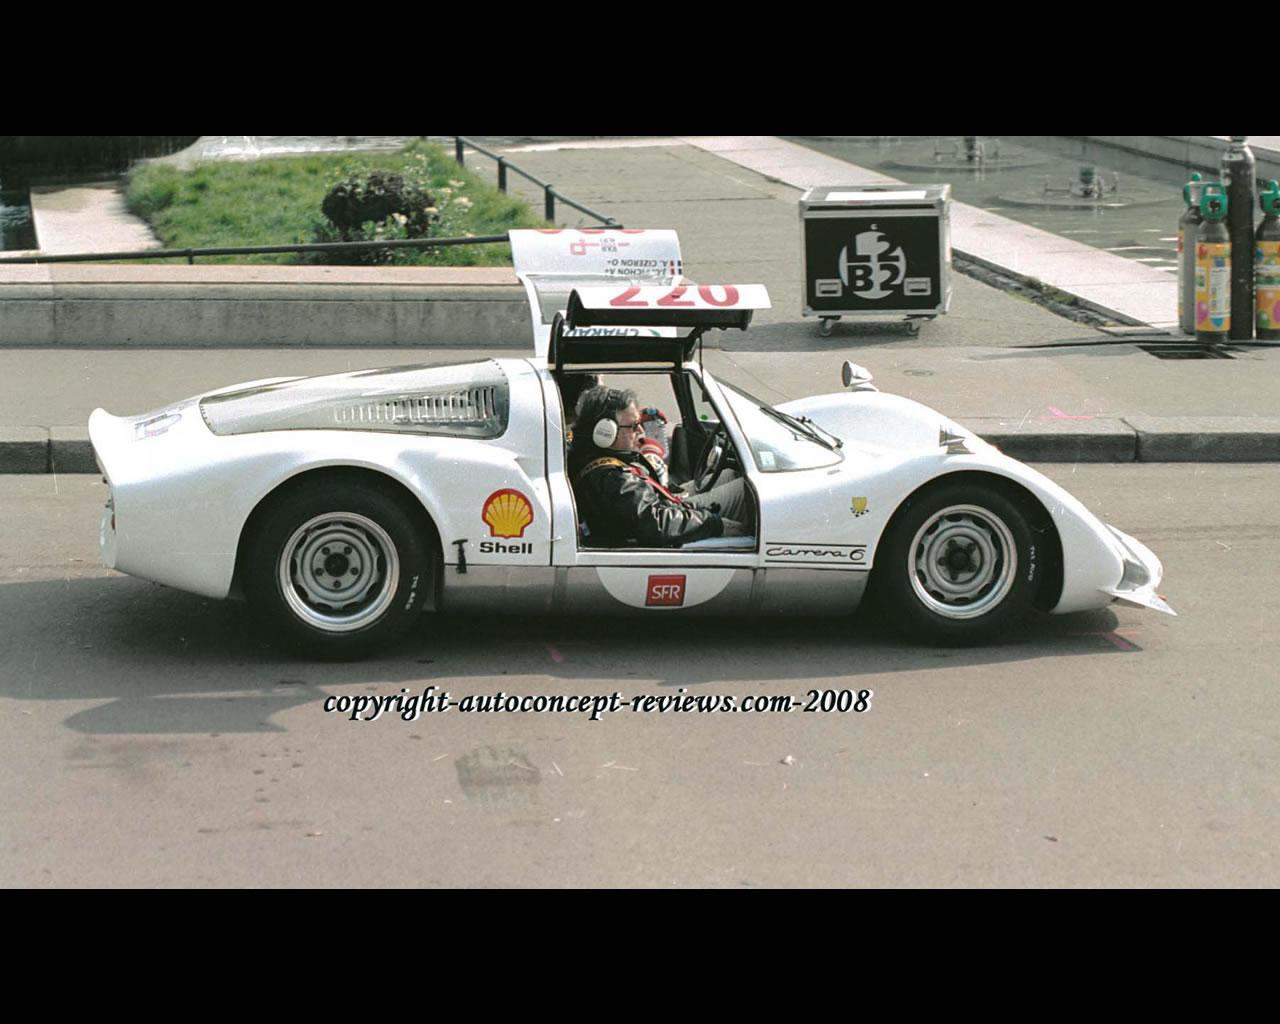 Porsche 906 Or Carrera 6